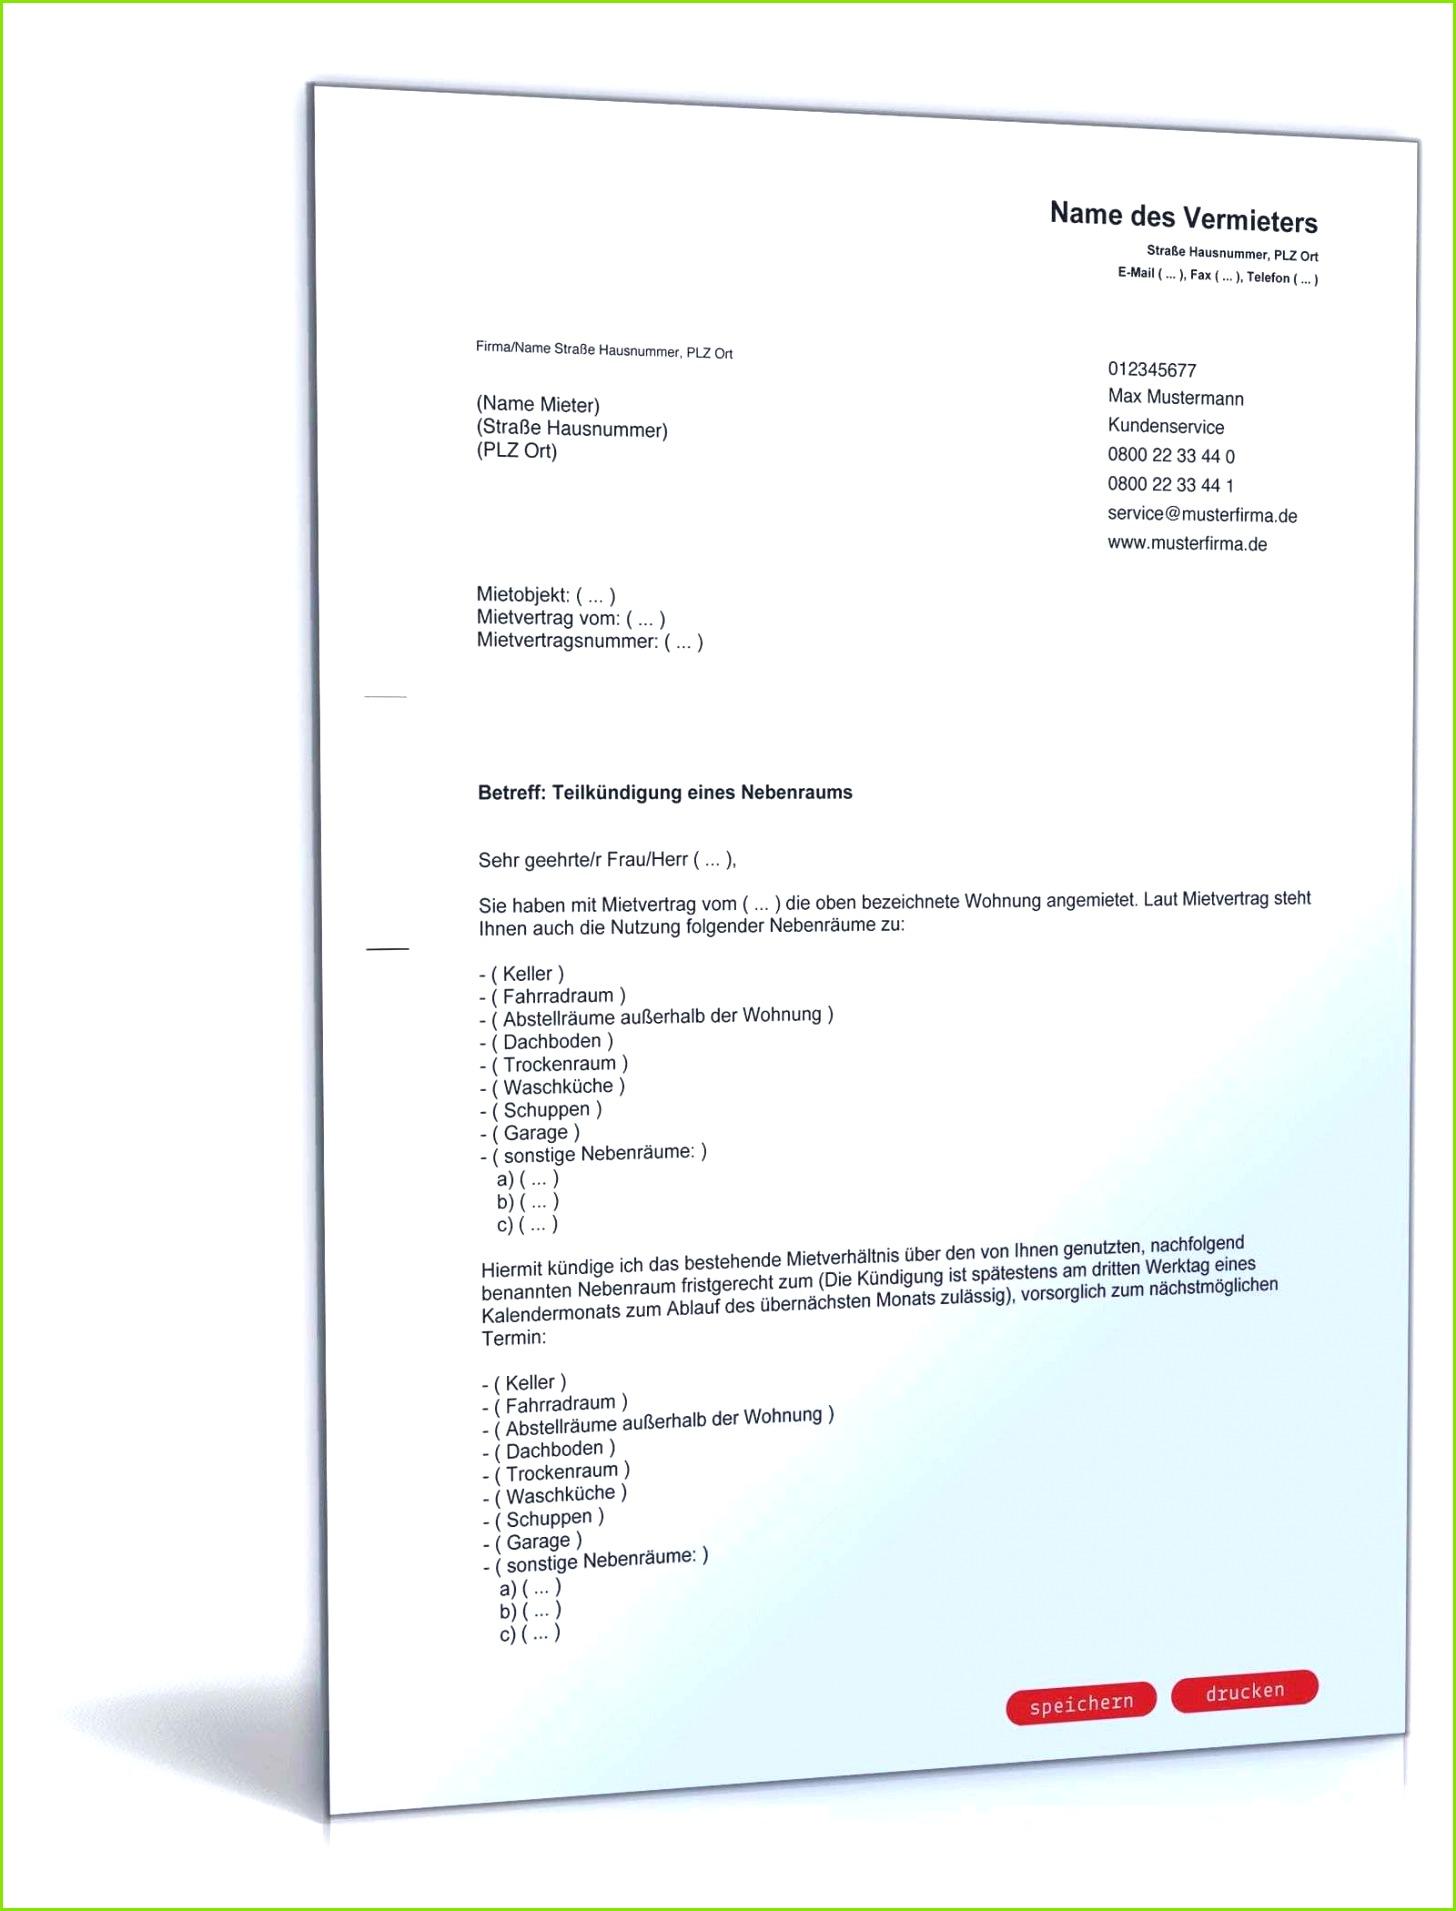 Schön Miete Einzahlungsbeleg Vorlage Fotos Beispiel Business handyvertrag